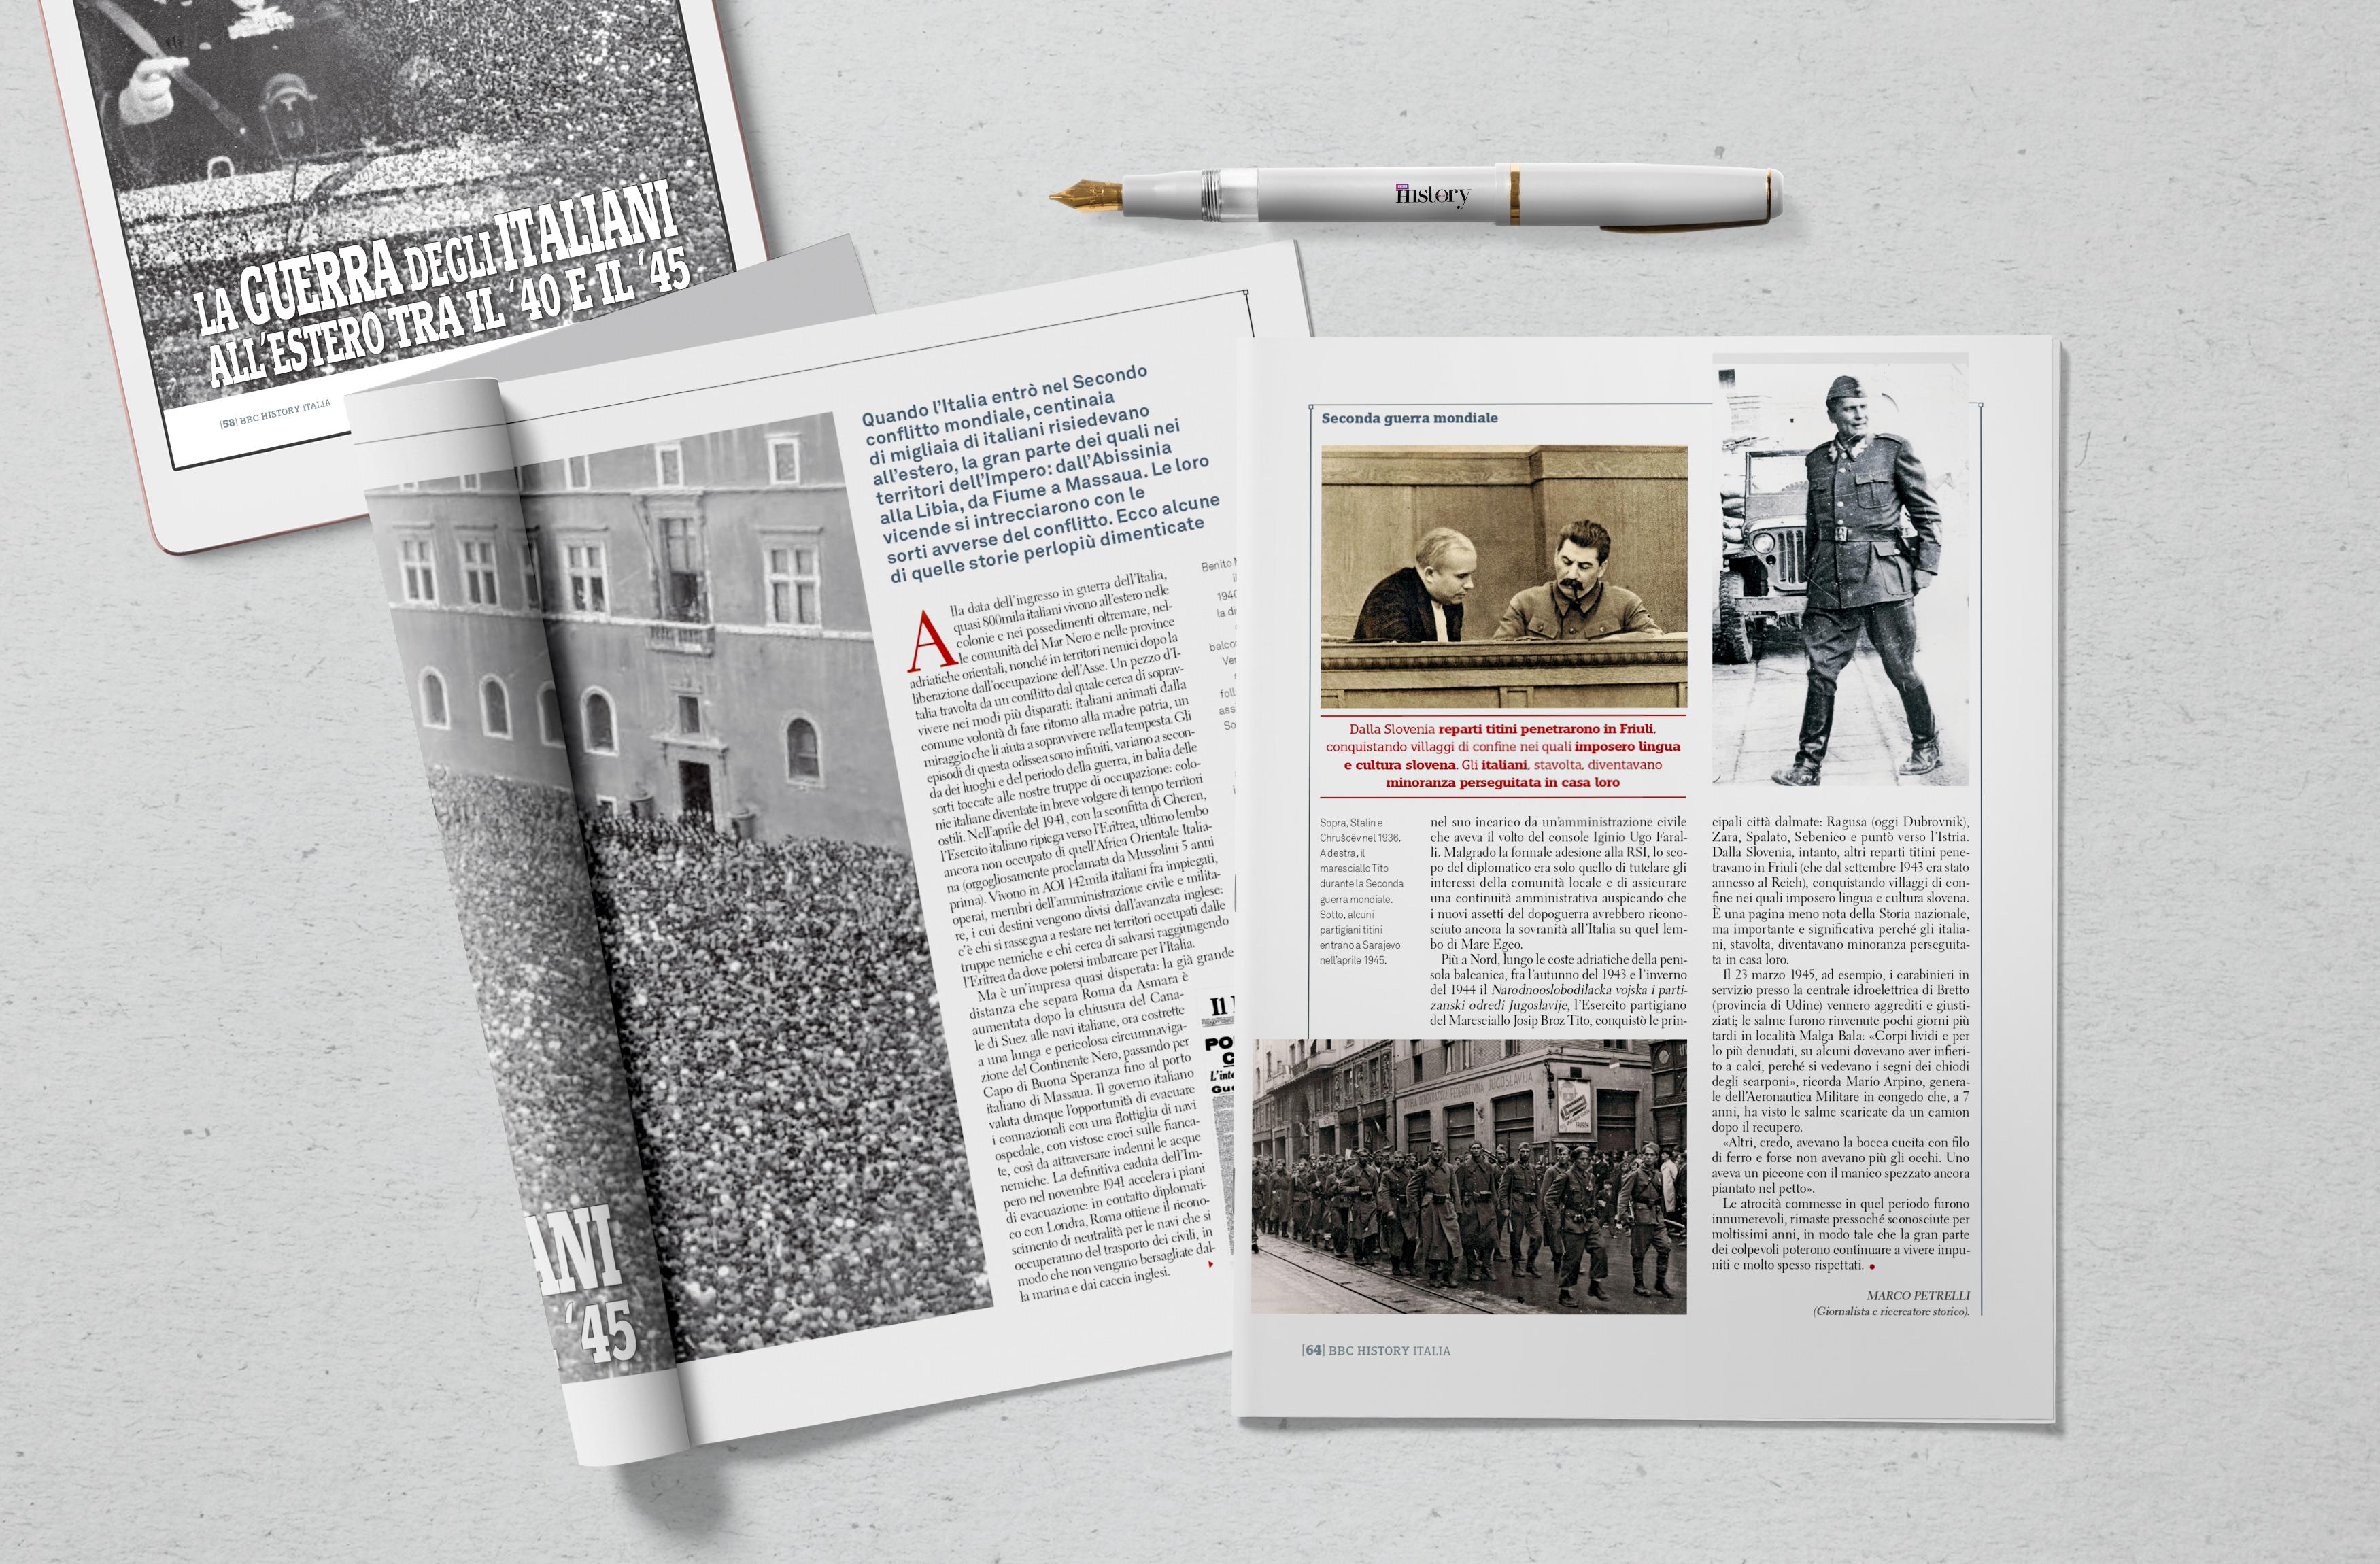 La guerra degli italiani all'estero fra il 1940 e il 1945, reportage per BBC History Italia